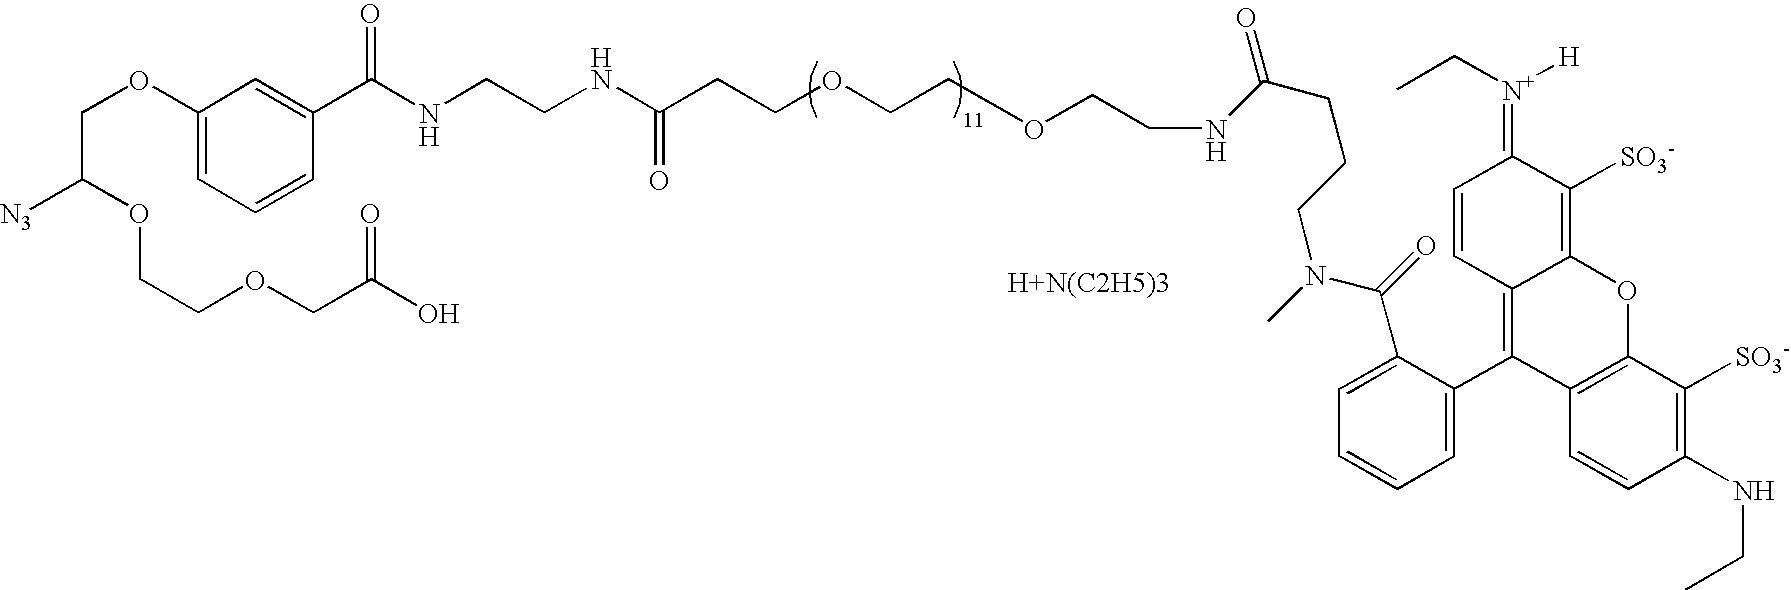 Figure US08178360-20120515-C00048